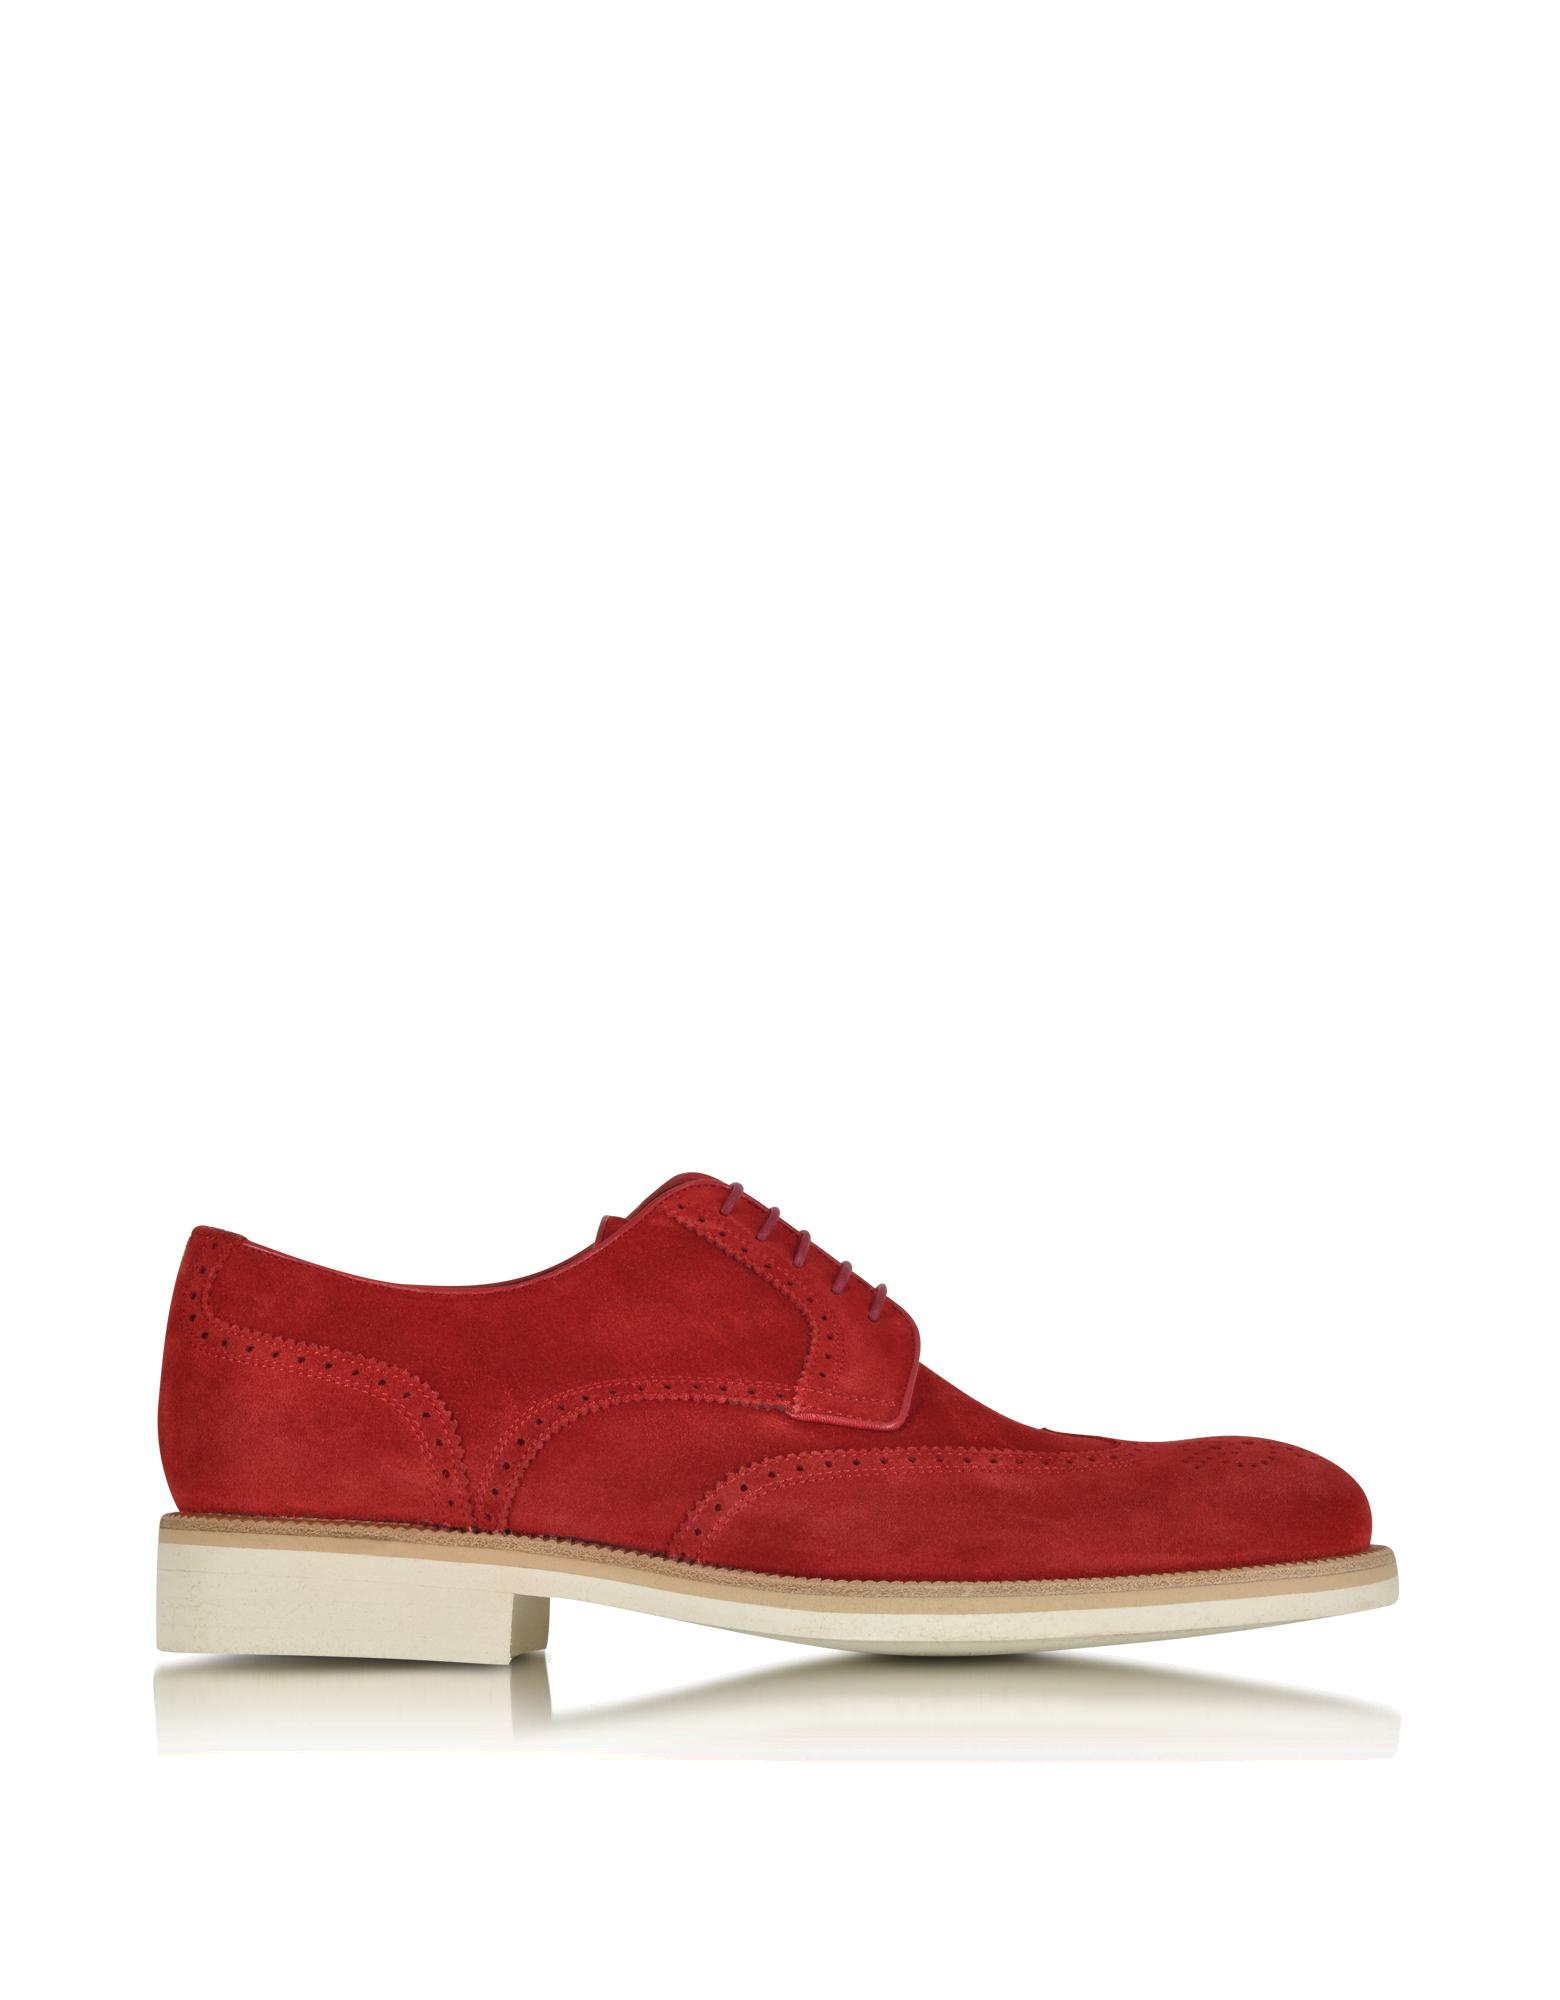 Image of Garofano Suede Derby Shoe